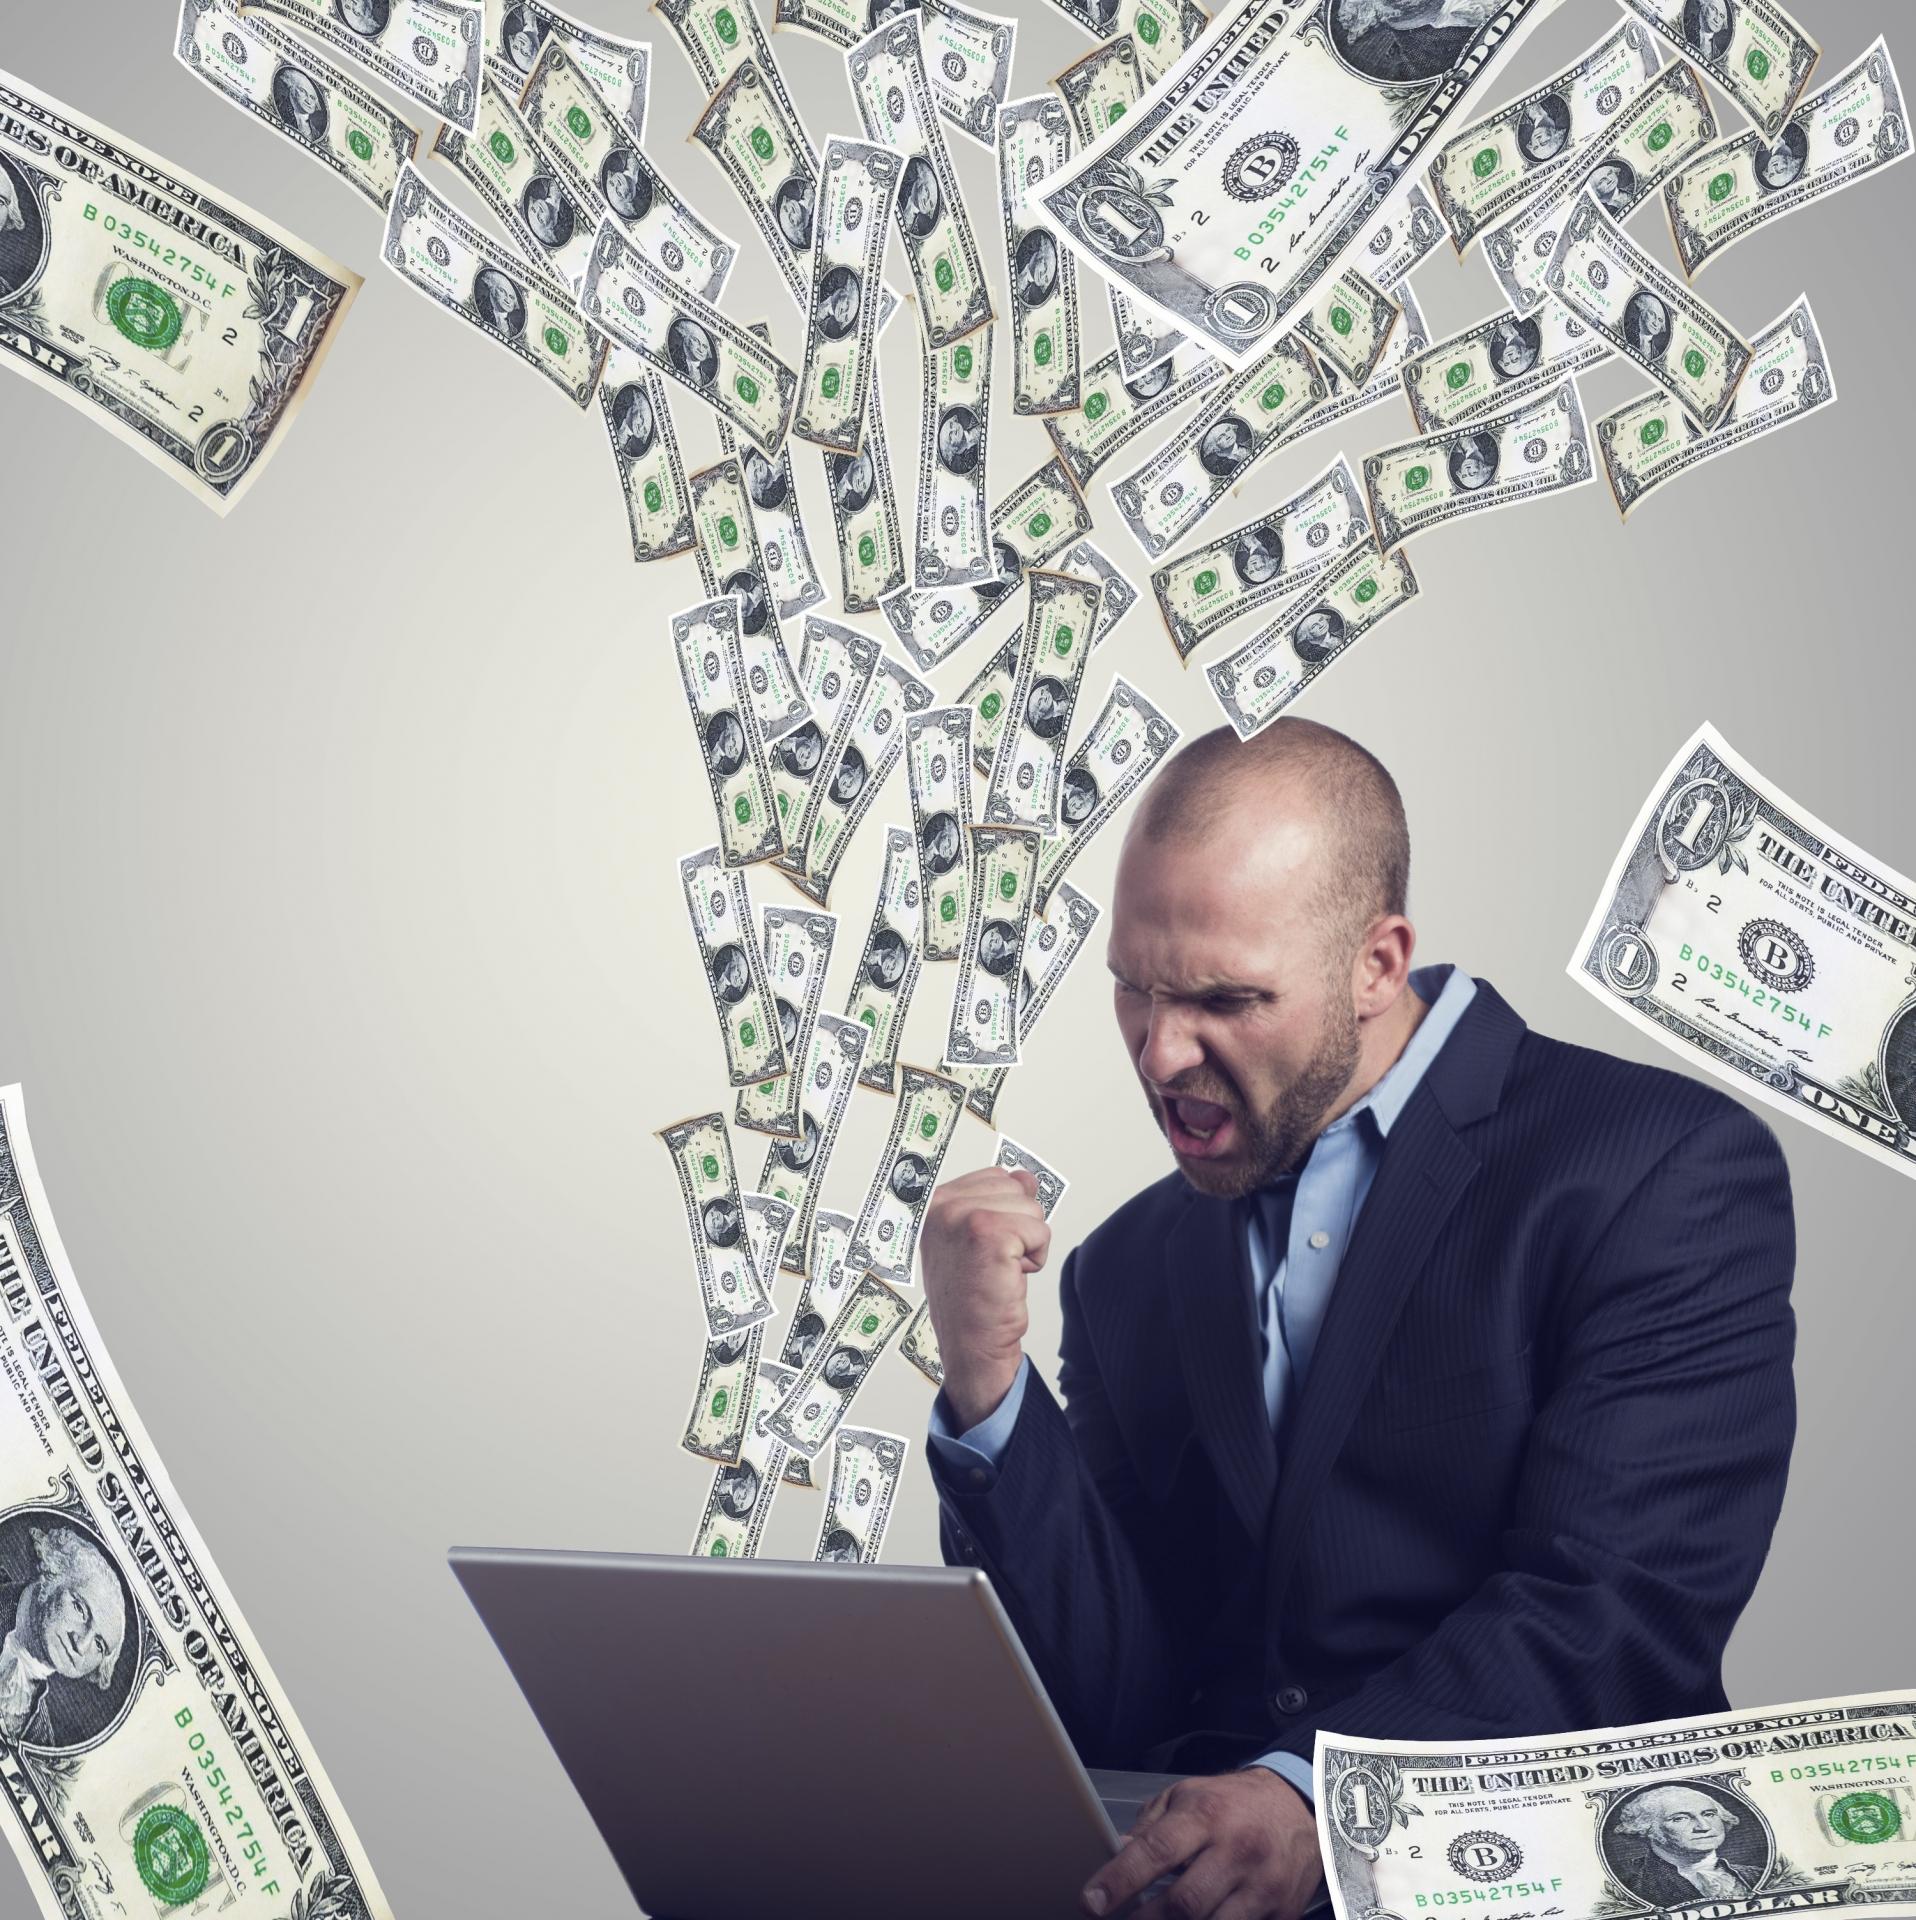 バイナリーオプションで稼げない人必見。稼げるための4つのルール。